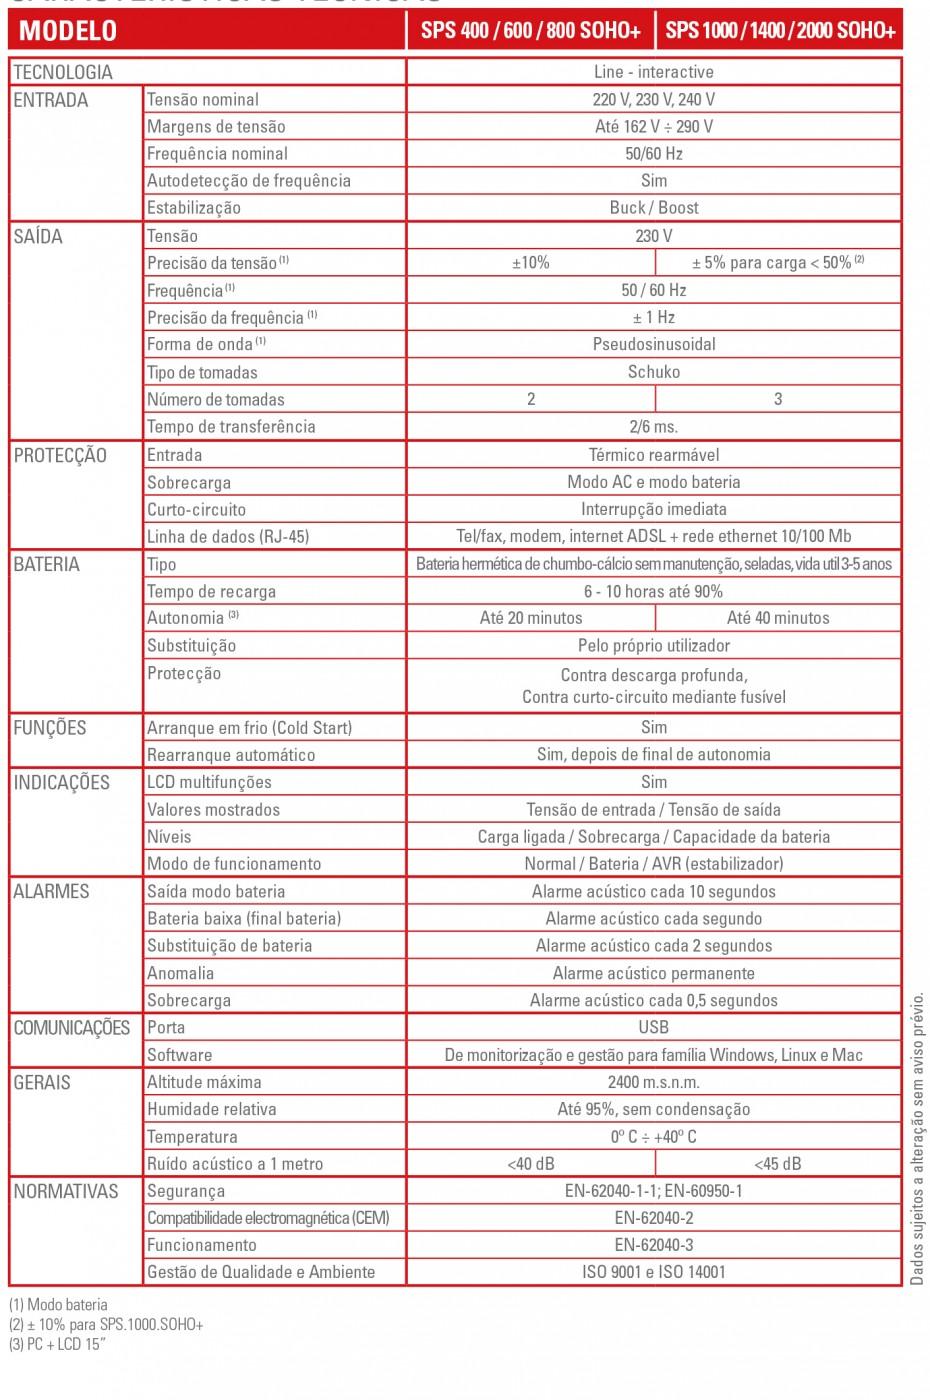 Especificaçoes  SPS SOHO+